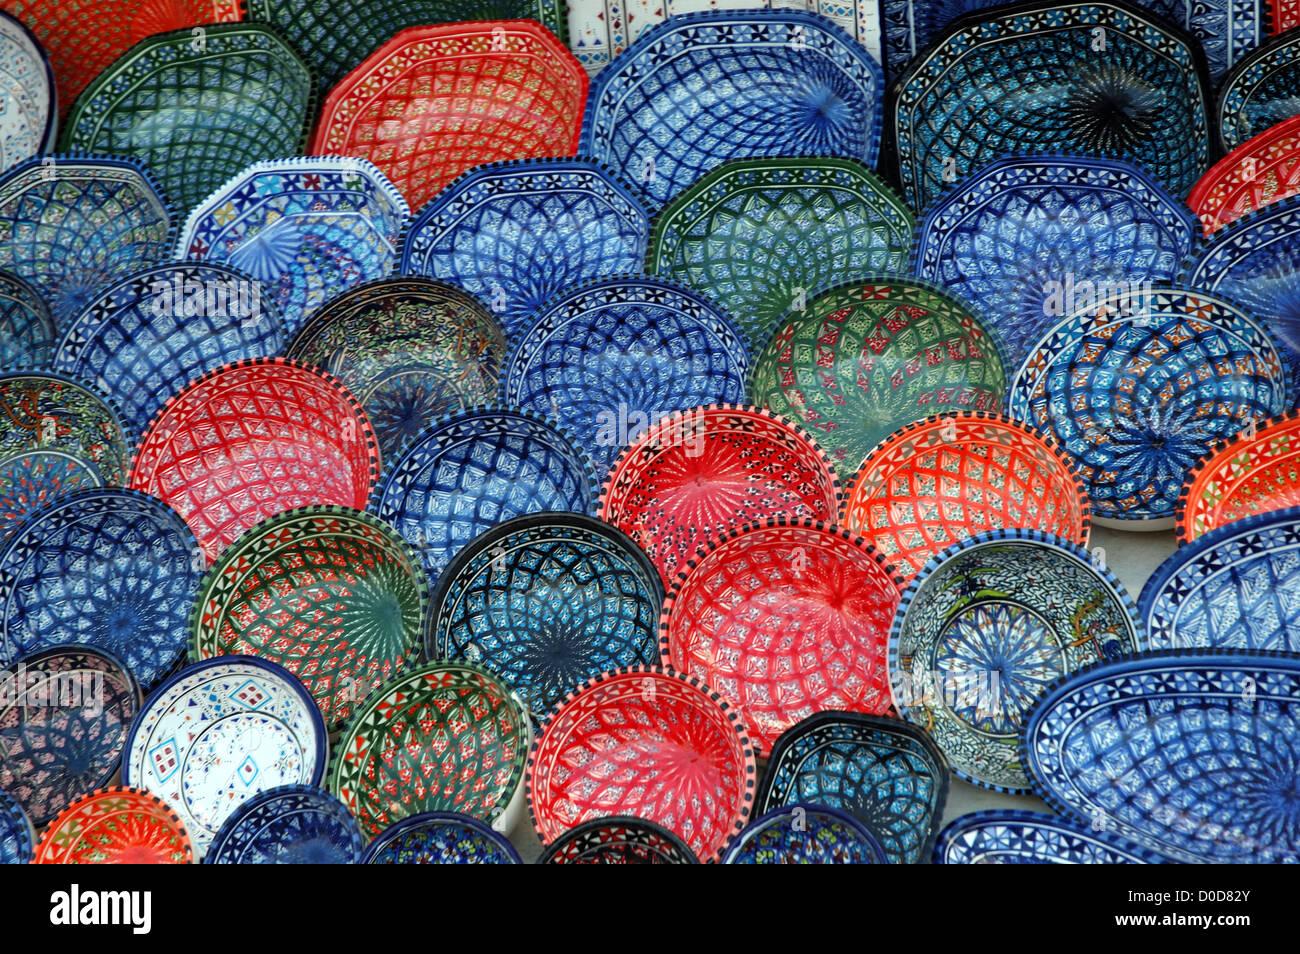 La alfarería en venta en una tienda en Túnez Foto de stock